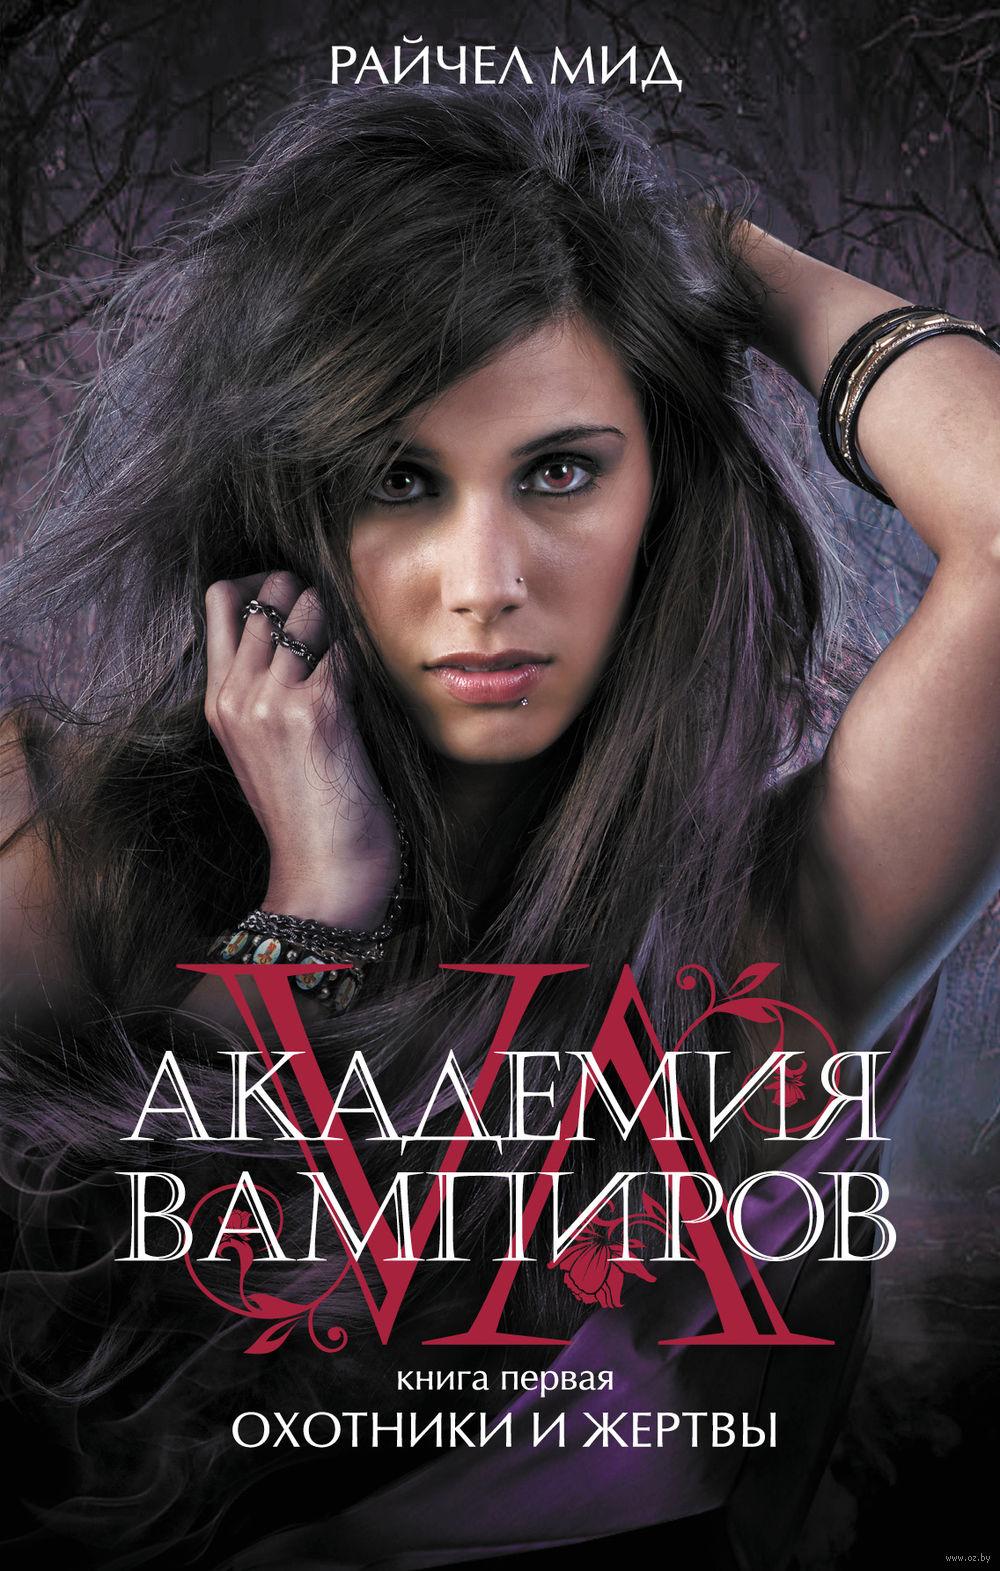 Академия вампиров скачать книги в формате fb2